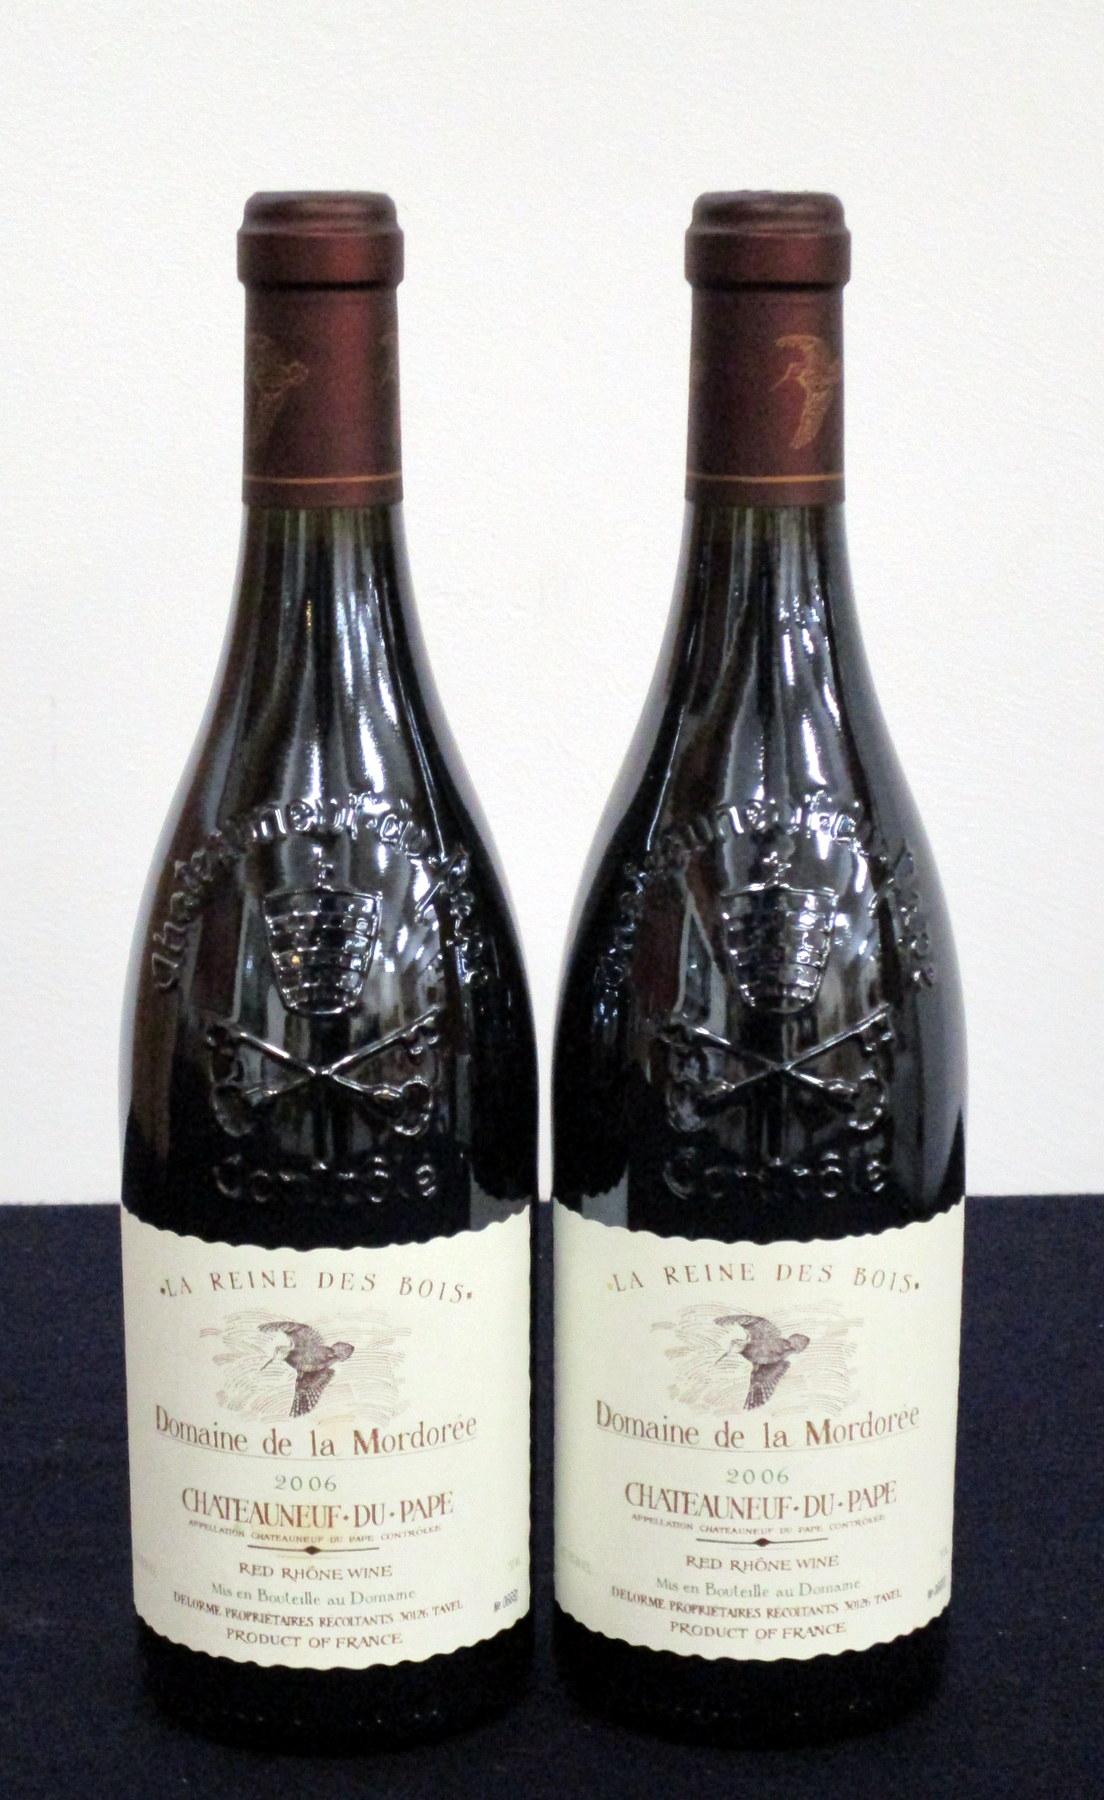 2 bts Châteauneuf du Pape, La Reine des Bois 2006 Dom de la Mordorée i.n